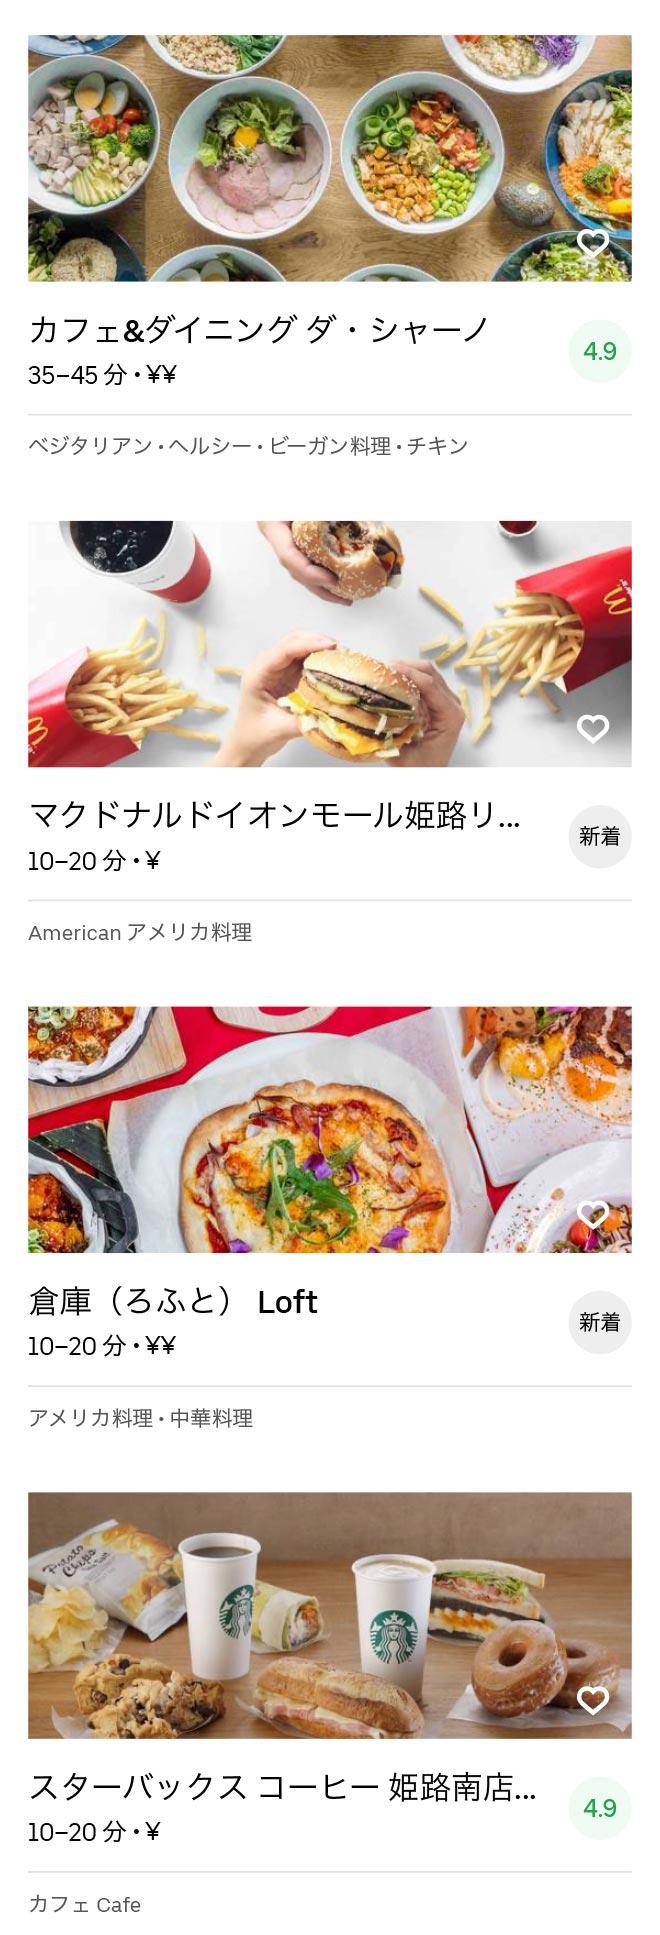 Shikama menu 2007 05